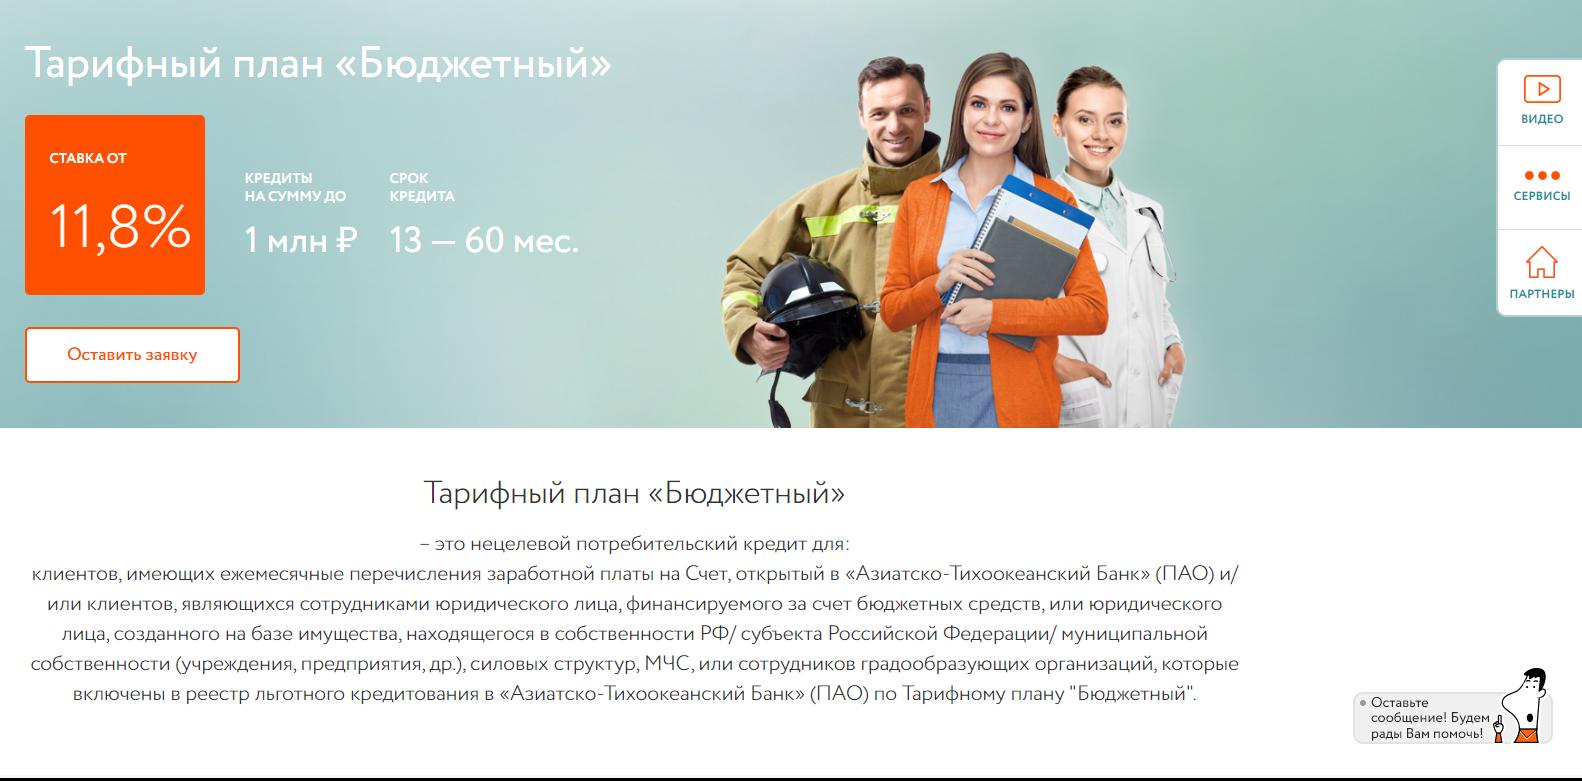 aziatsko-tixookeanskij-bank-kredit_7